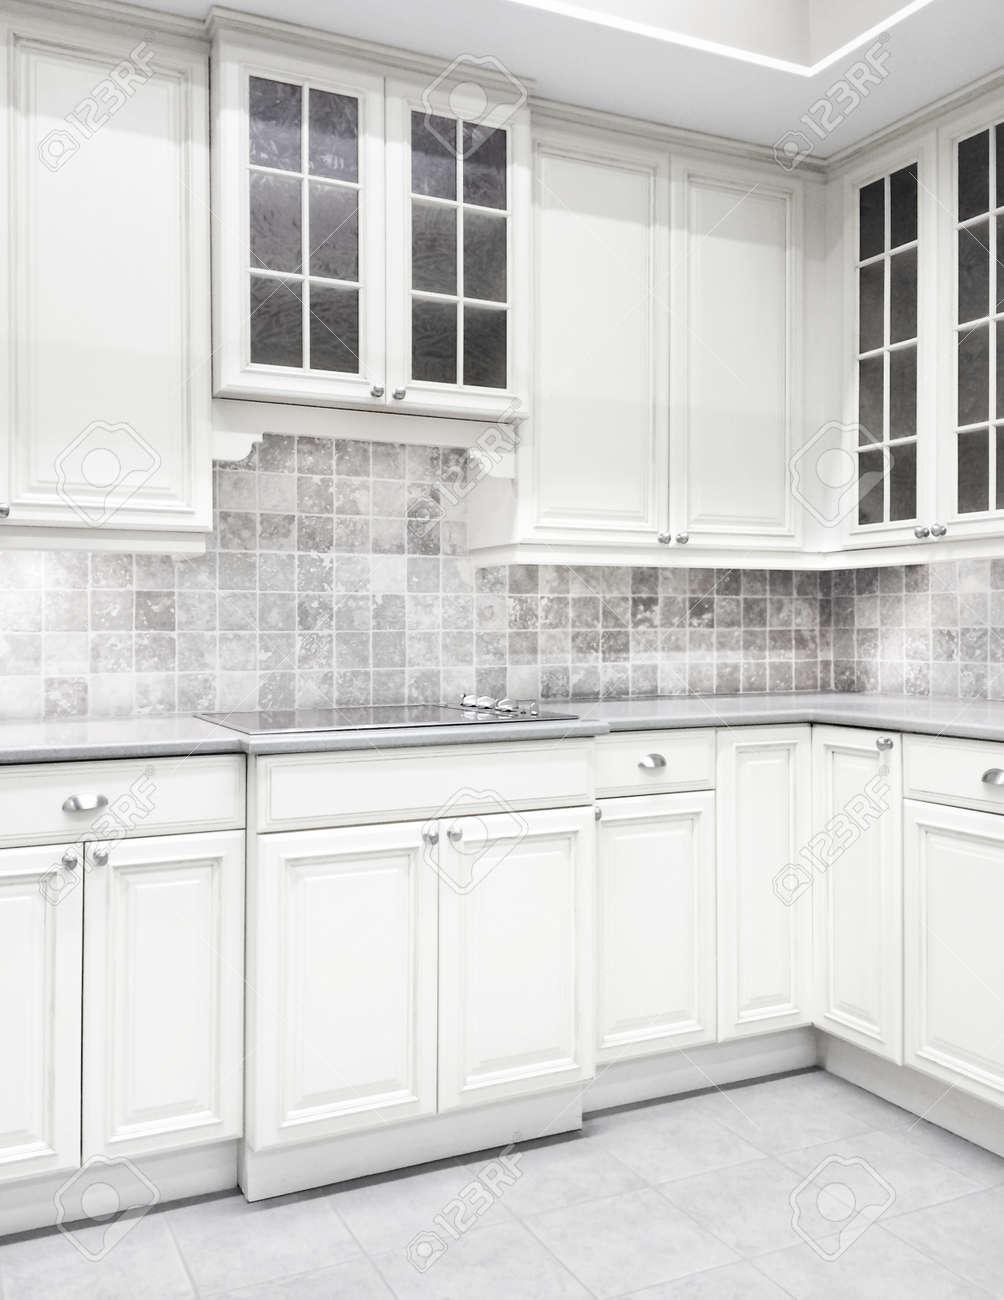 Charmant Aufkantung Für Küchen Mit Weißen Schränken Fotos - Ideen ...